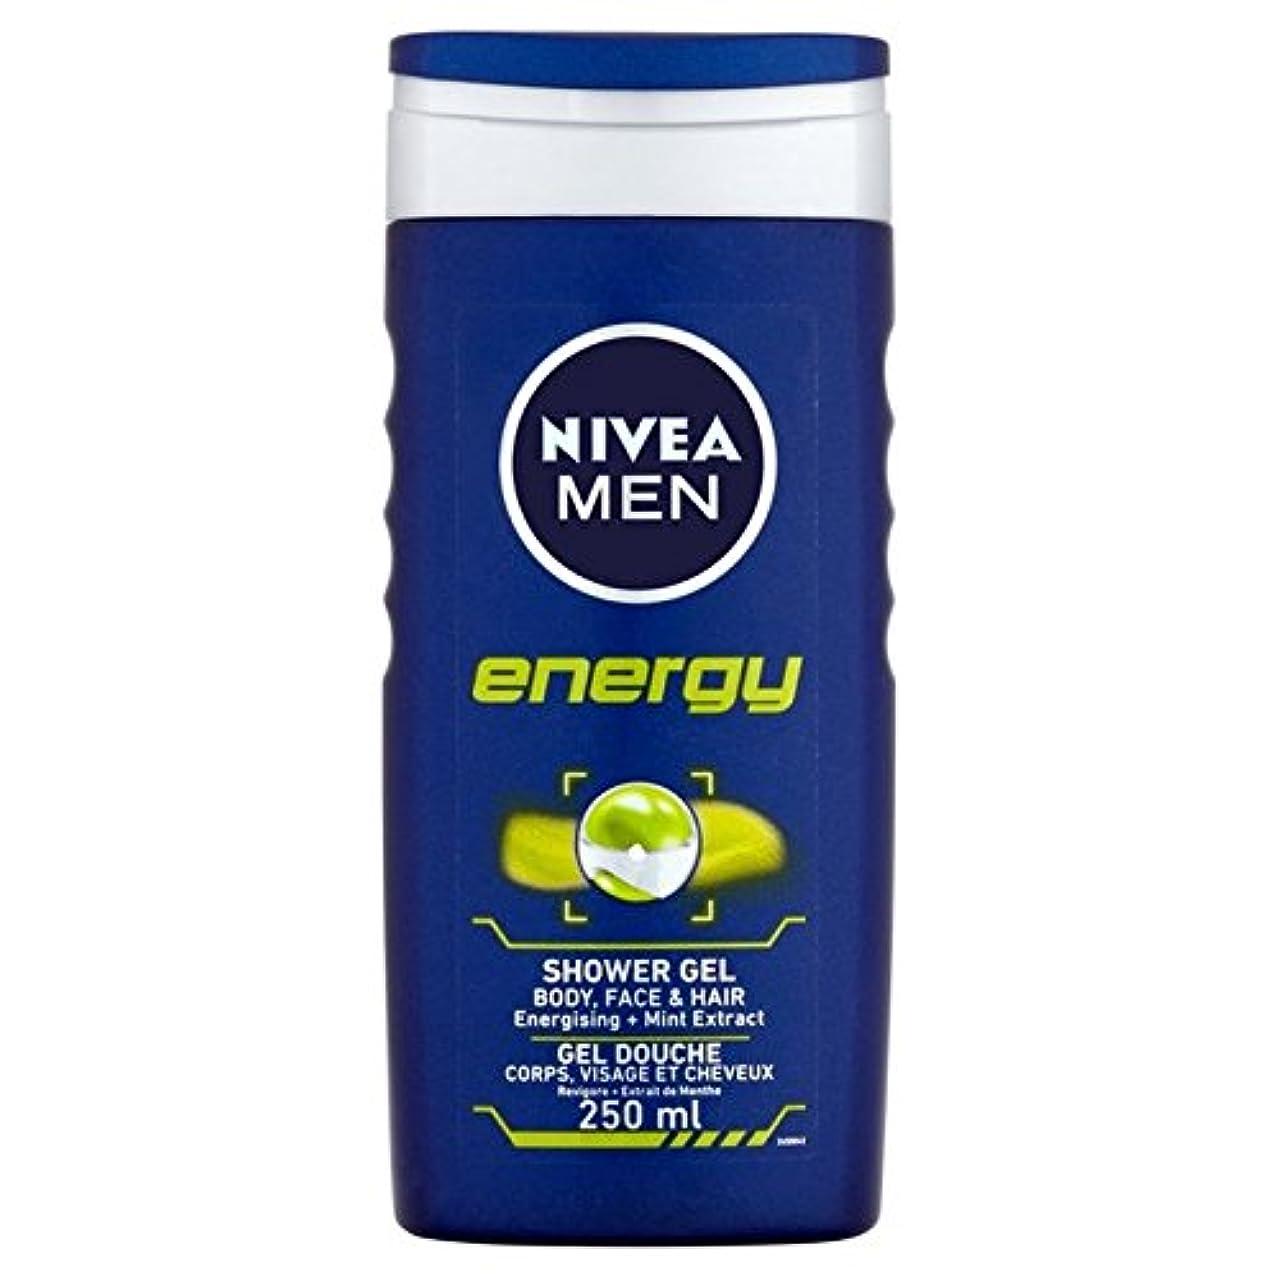 干し草策定する汚染されたNivea Men Energy 2 in 1 Shower 250ml - 1つのシャワー250ミリリットル中ニベアの男性のエネルギー2 [並行輸入品]